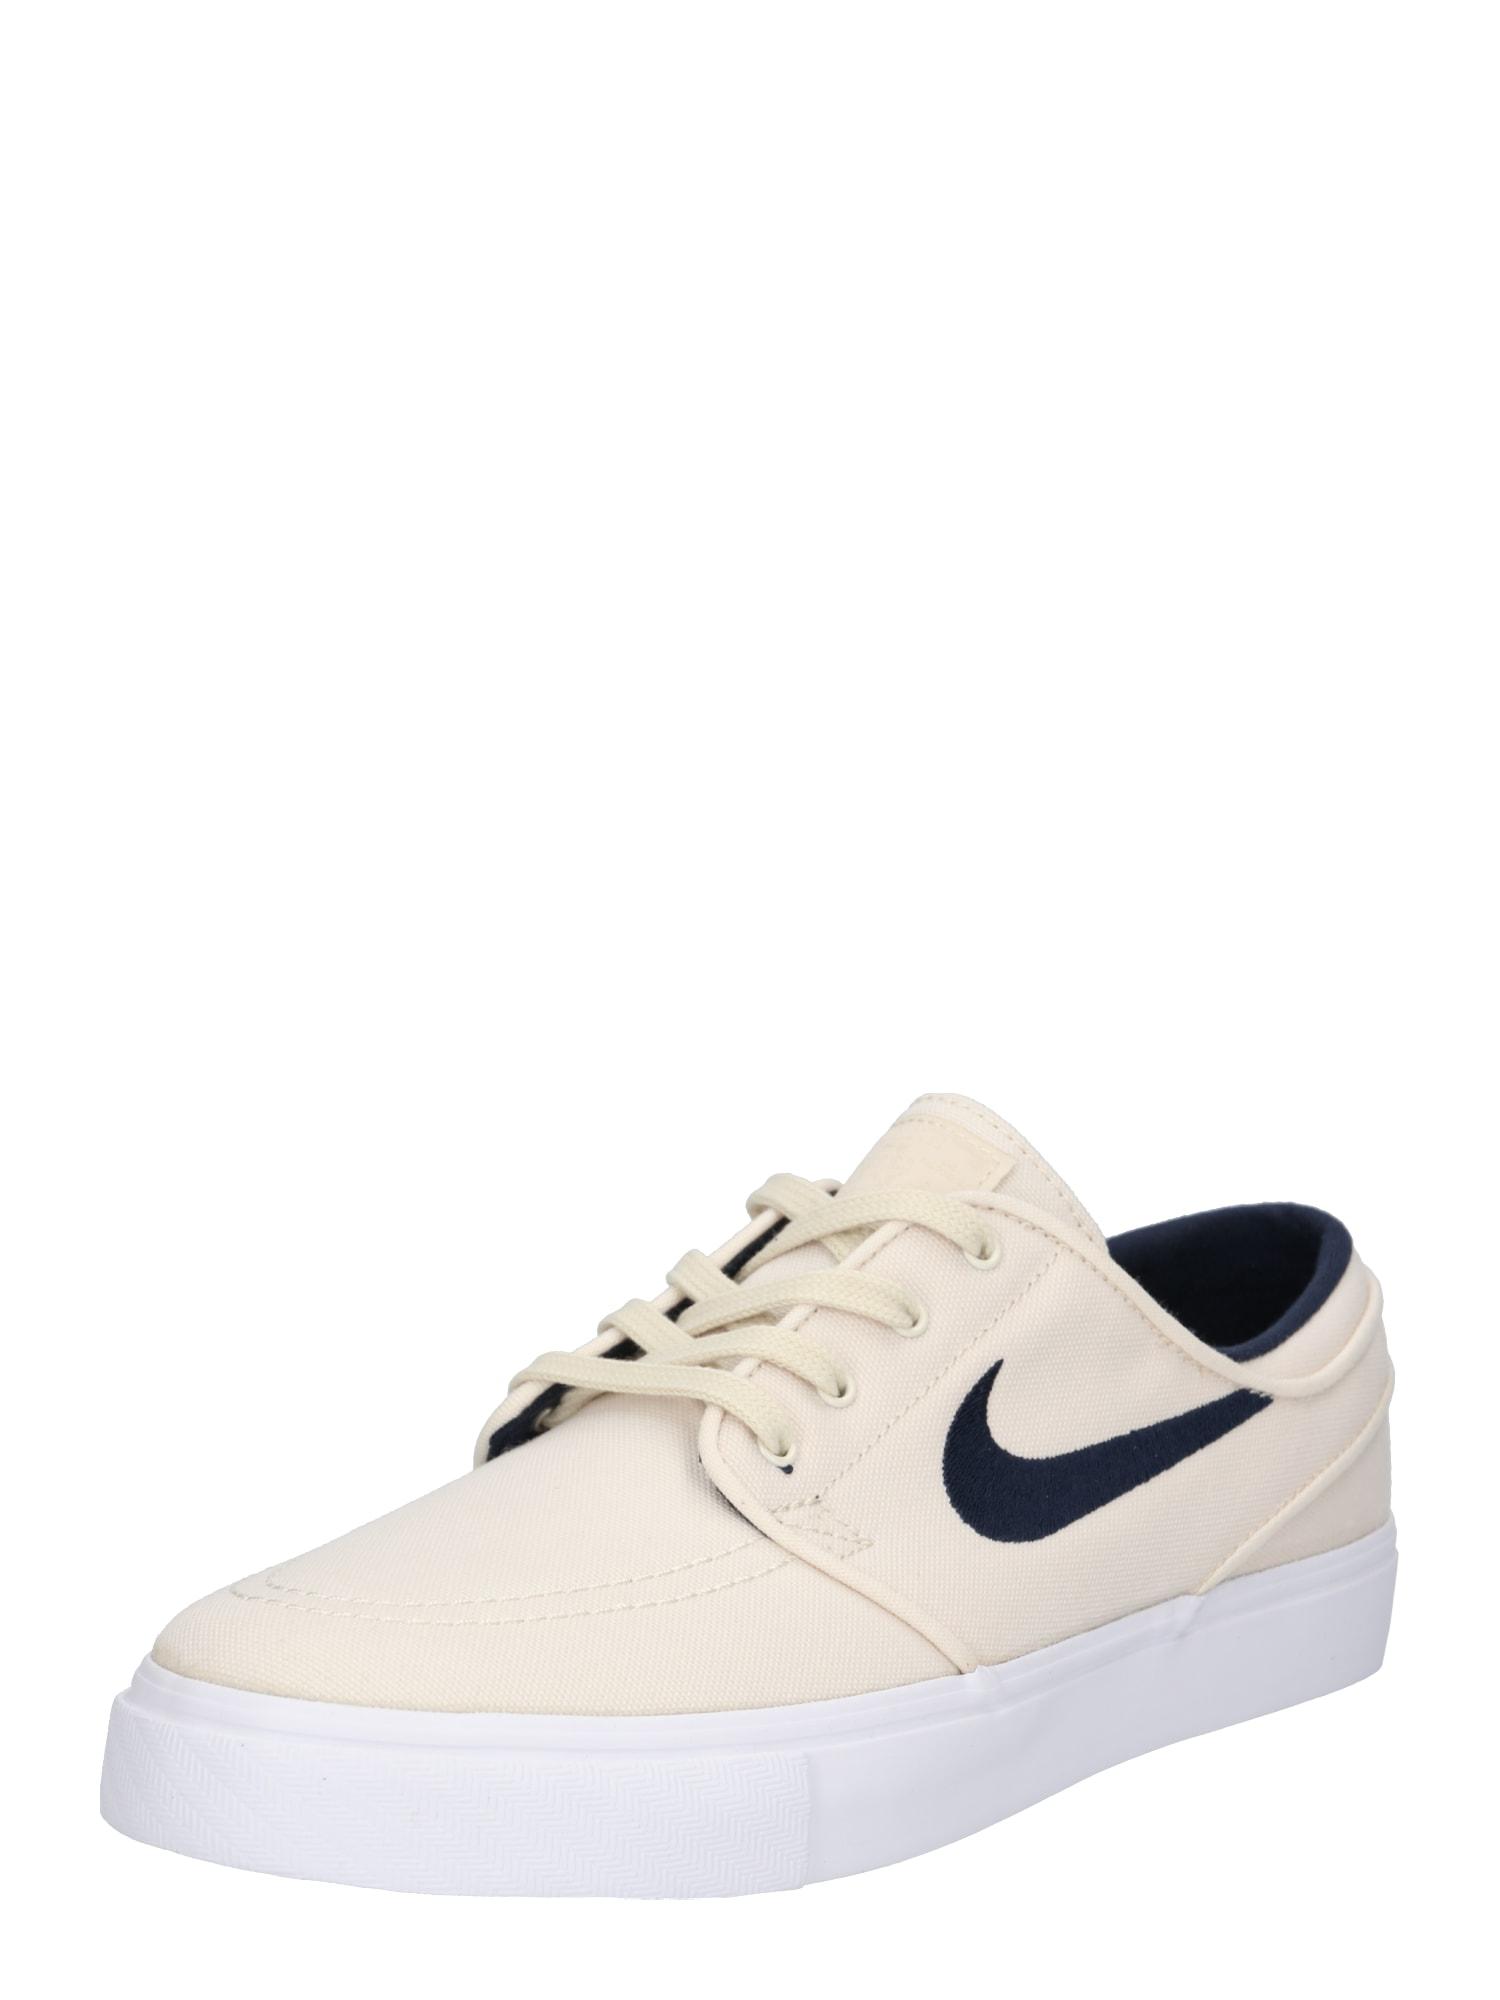 Tenisky Nike Air Zoom offwhite Nike SB